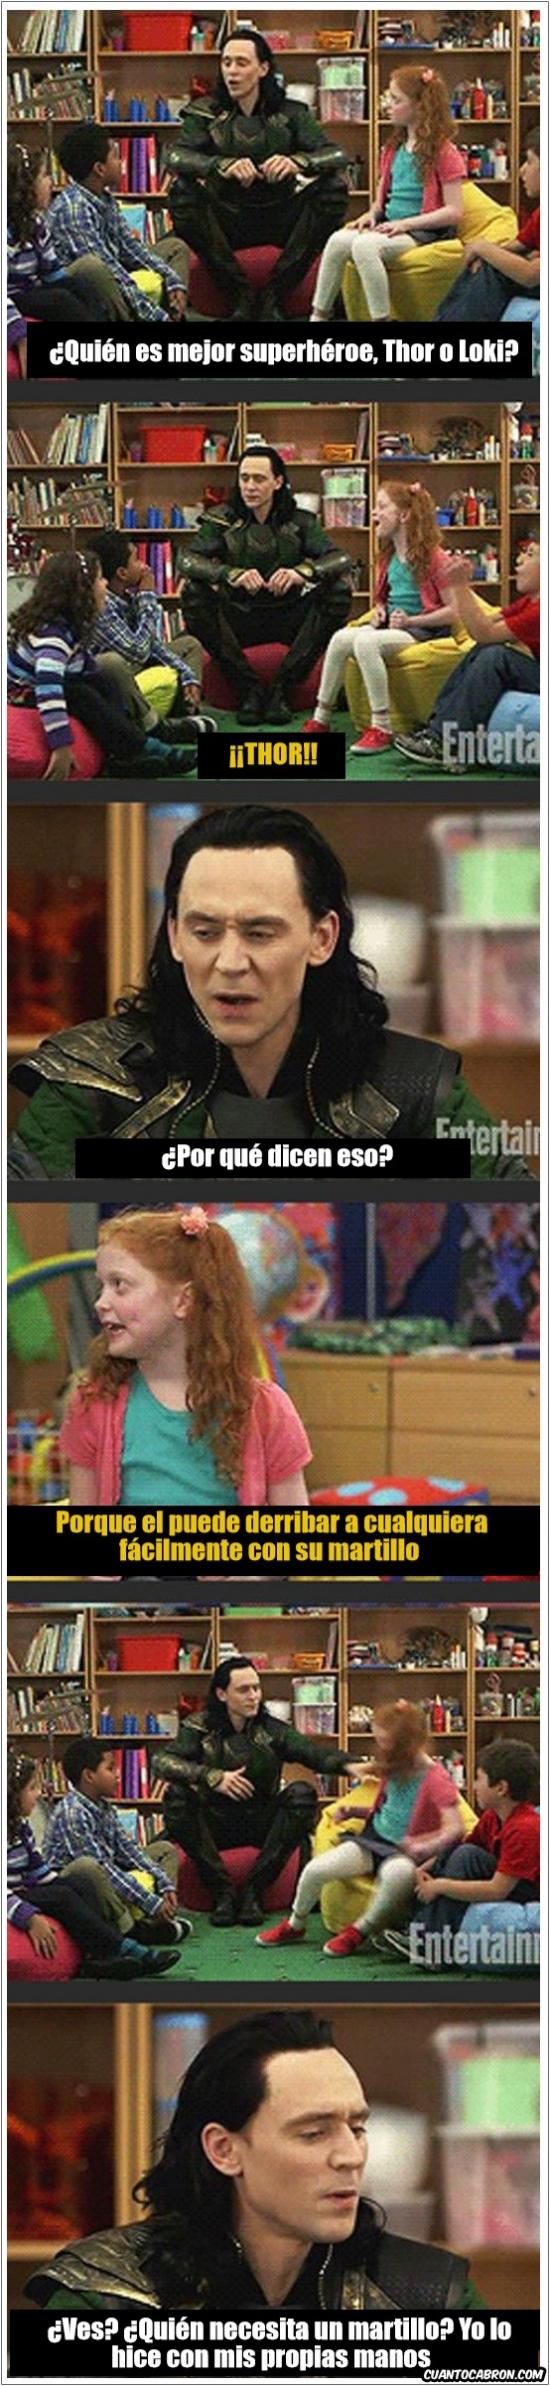 Meme_otros - Loki no soporta que hay alguien mejor que él